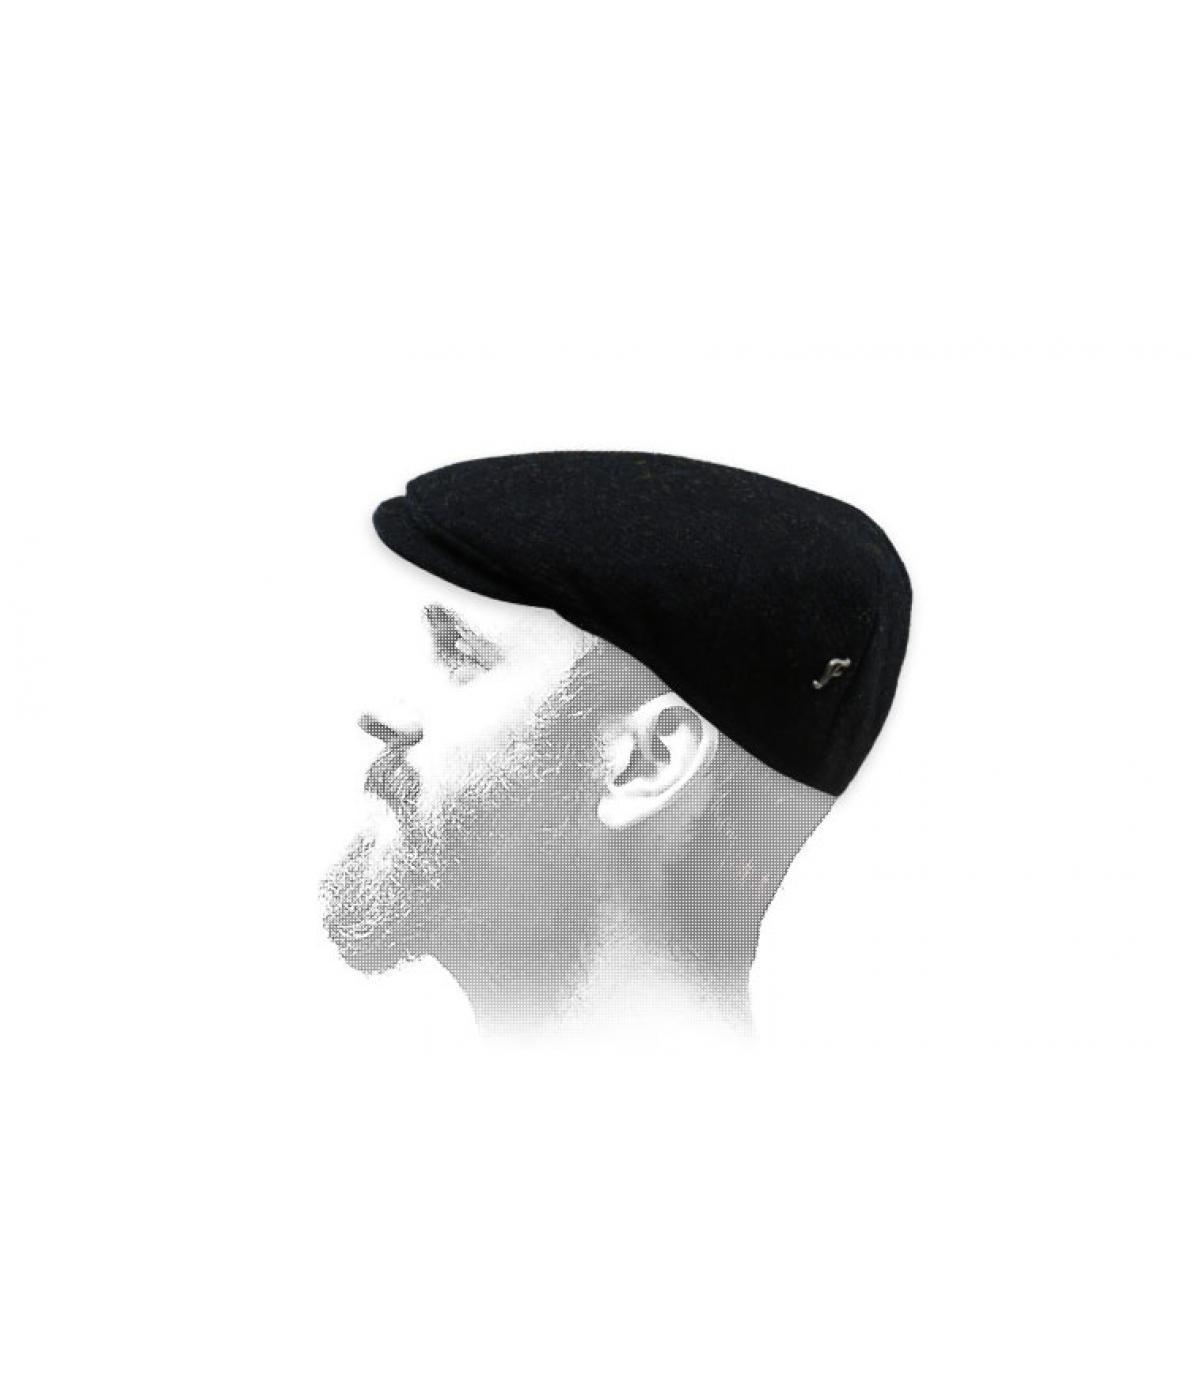 gorra negra tweed Fléchet